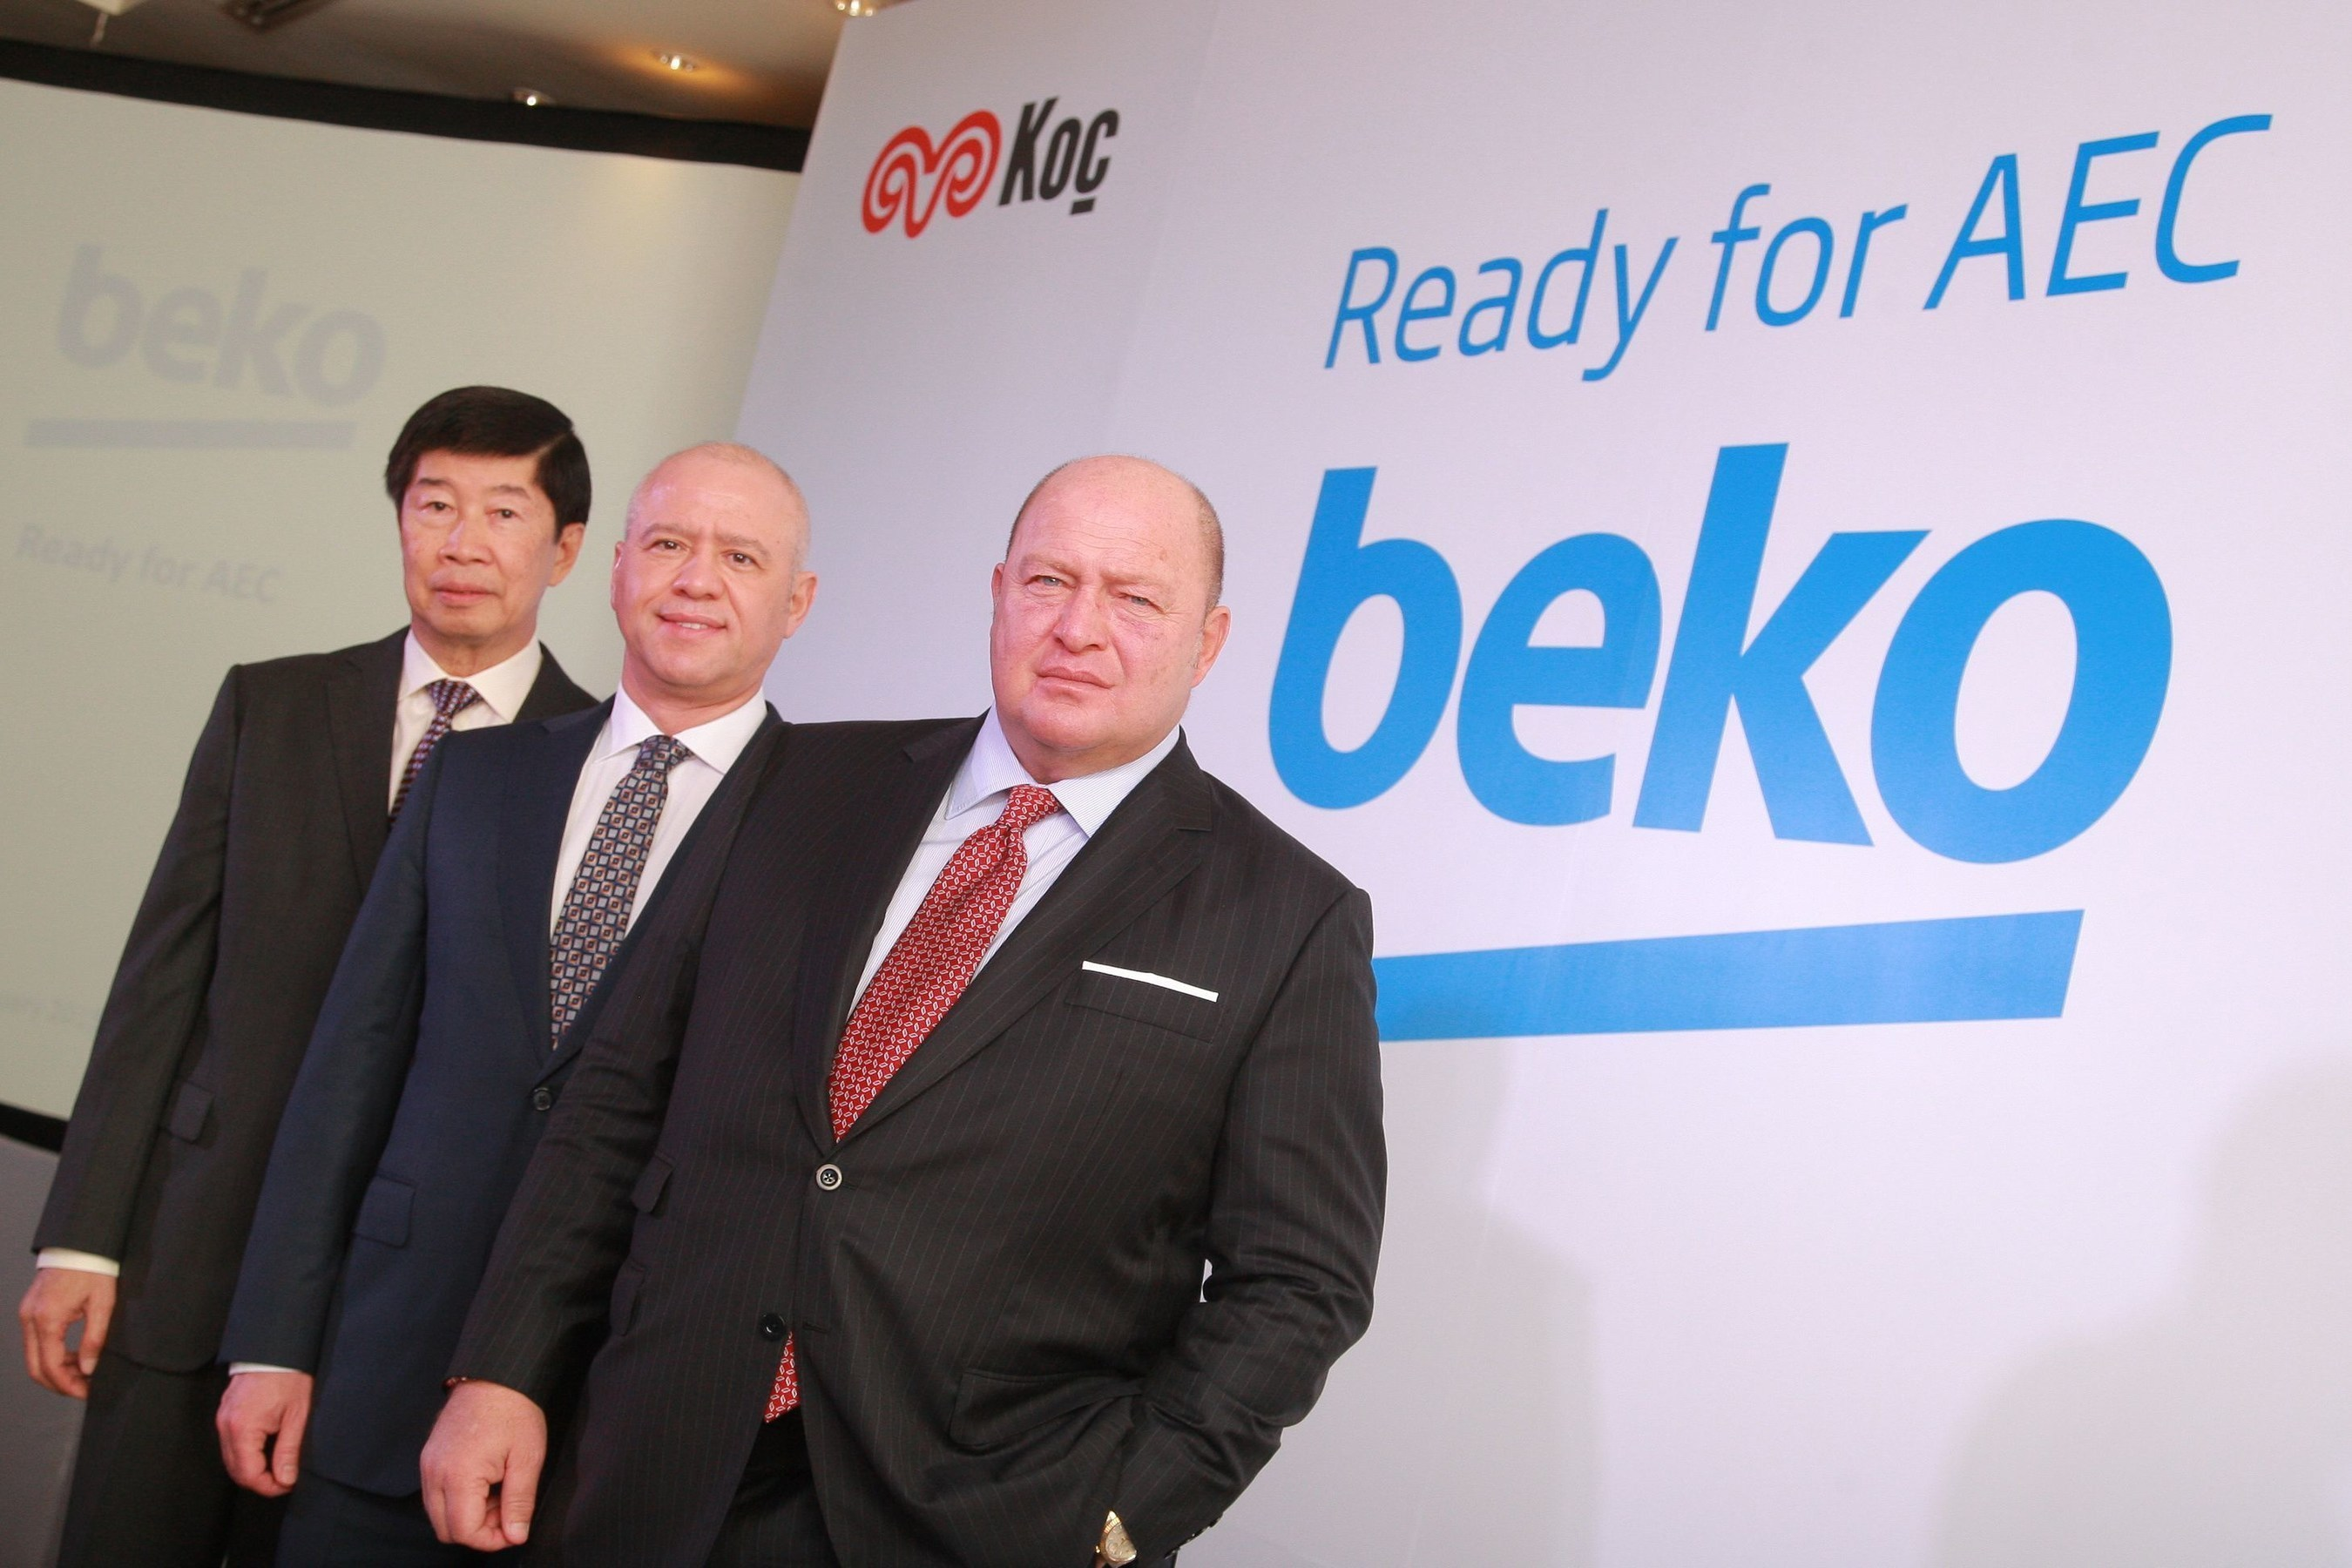 Mr. Levent Cakiroglu (centre), global CEO, Arcelik A.S., the owner of the Beko brand, Mr. Mustafa V. Koc ...